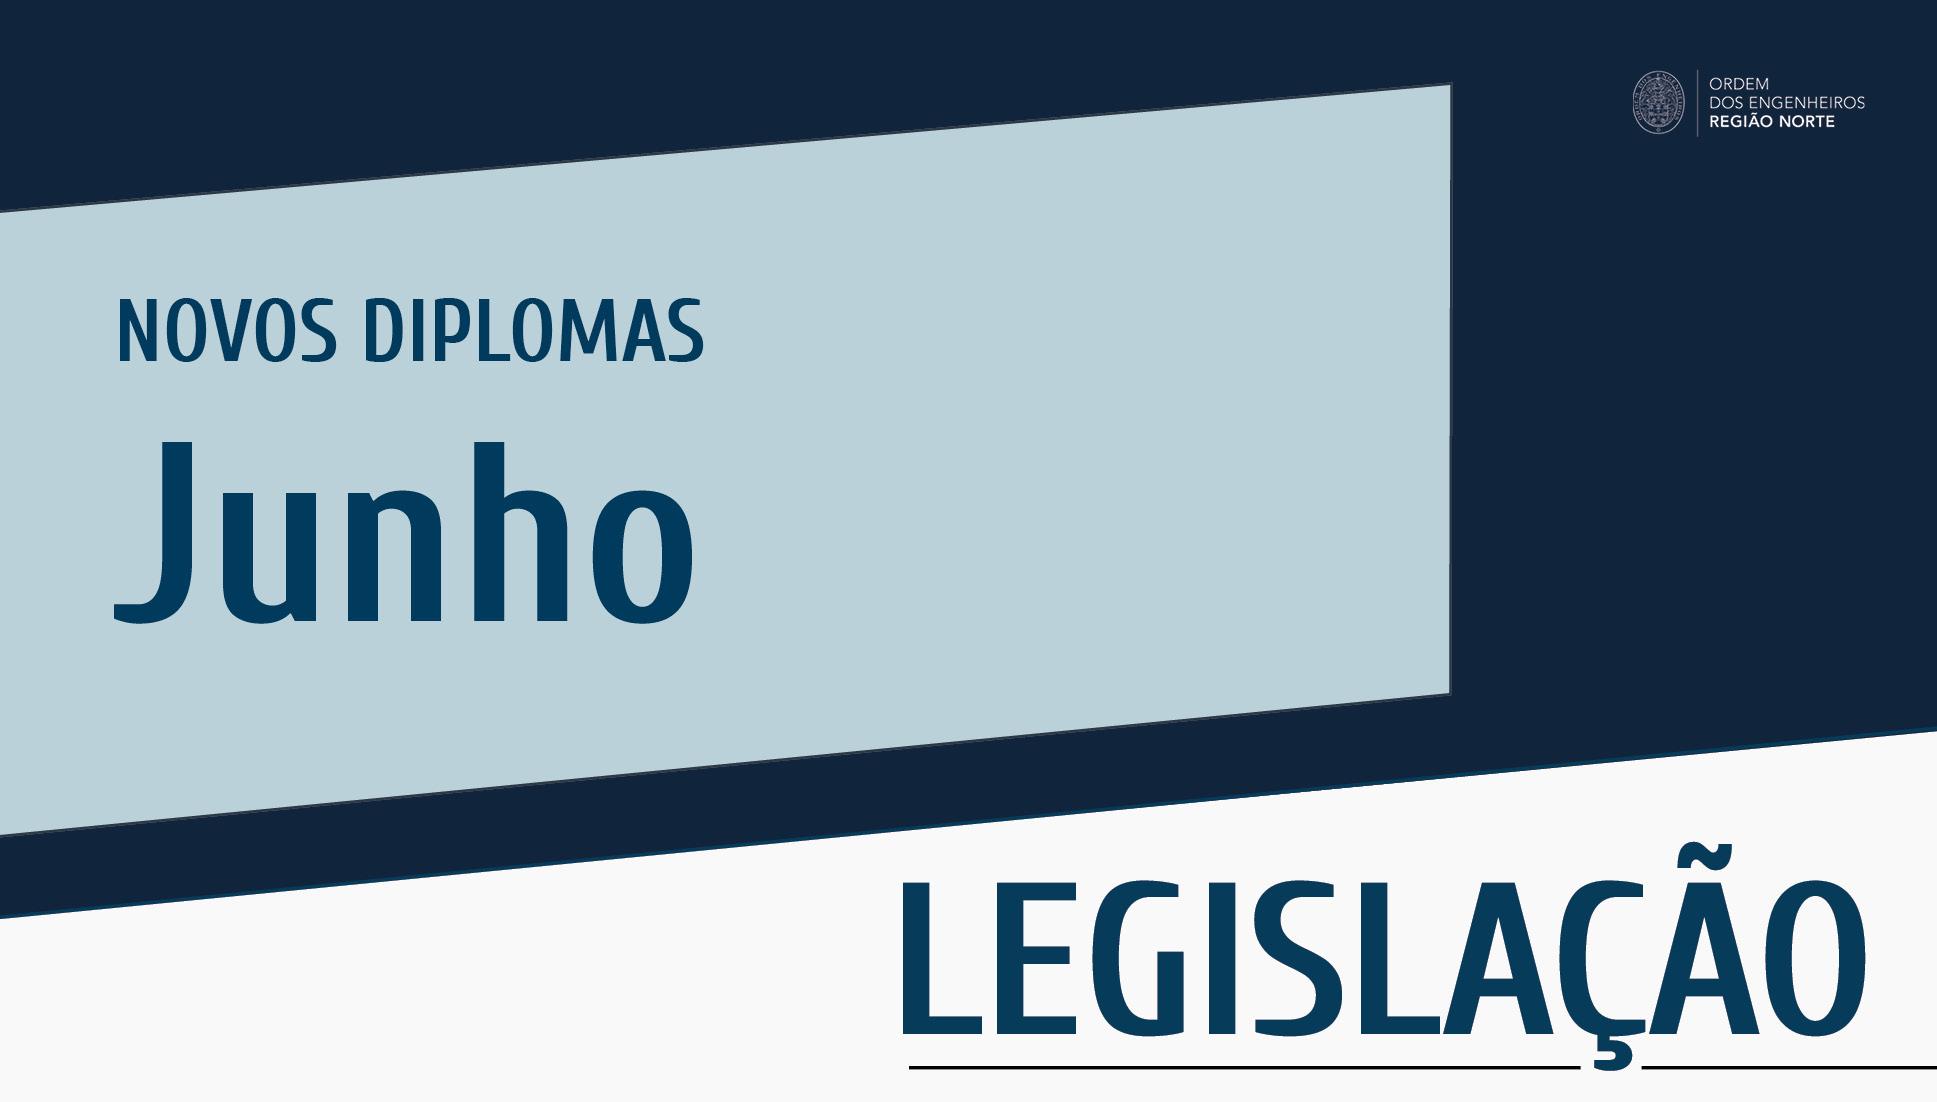 Plataforma Notícias Ordem Engenheiros Região Norte - Novos diplomas do mês de junho